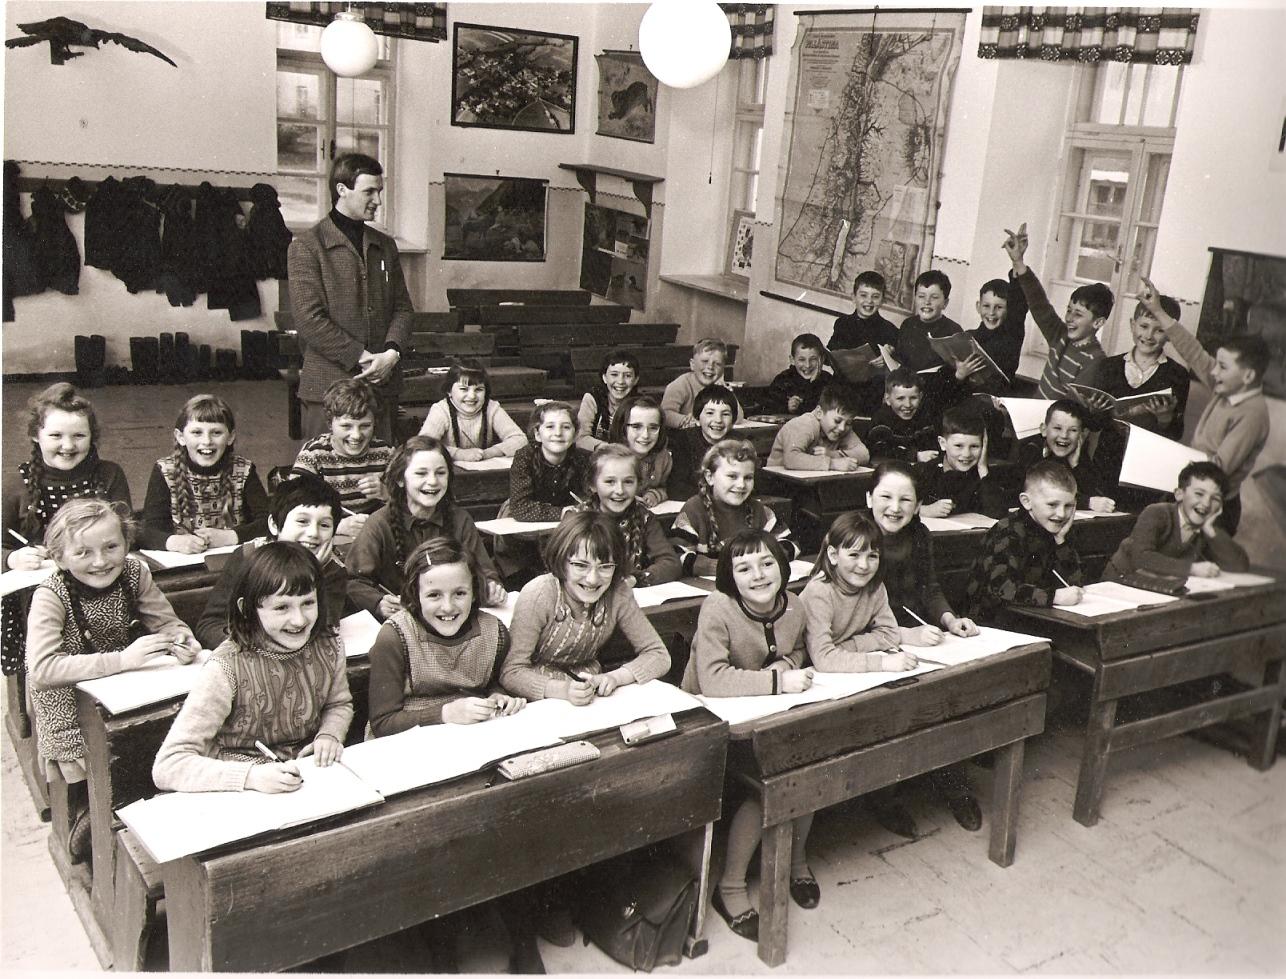 Mein erster Posten - VS Weng/Innkreis 1967 - 2. Klasse